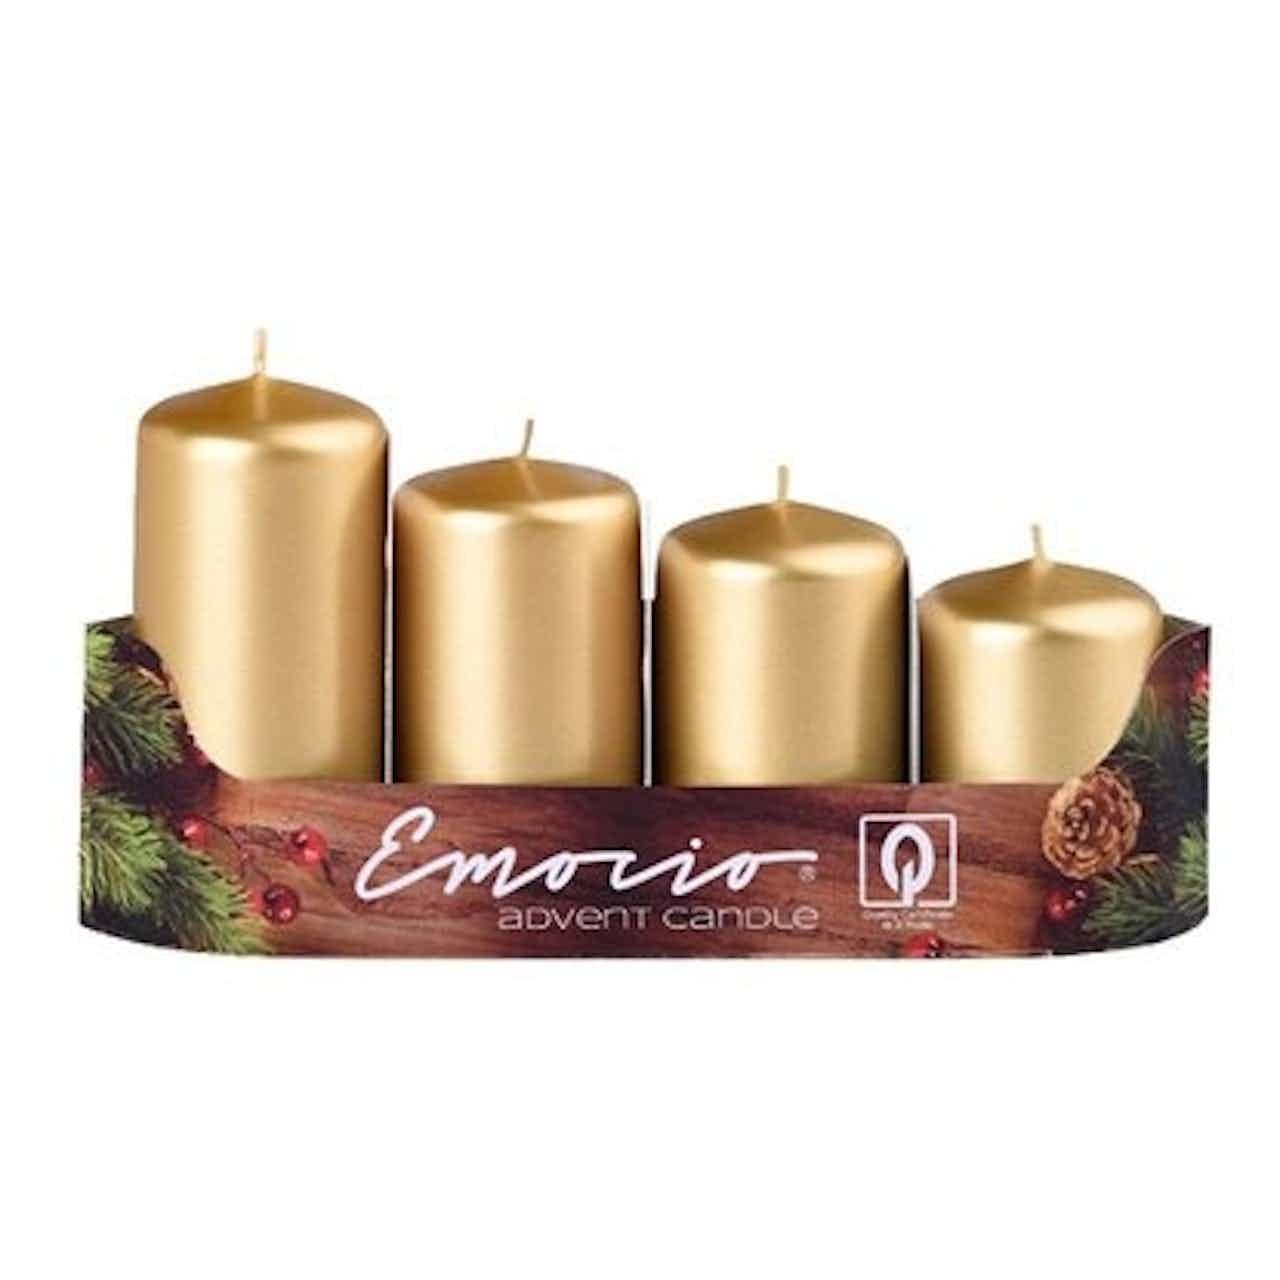 Svíčky adventní stupňovité 4 ks, pr. 40 mm, metalické zlaté